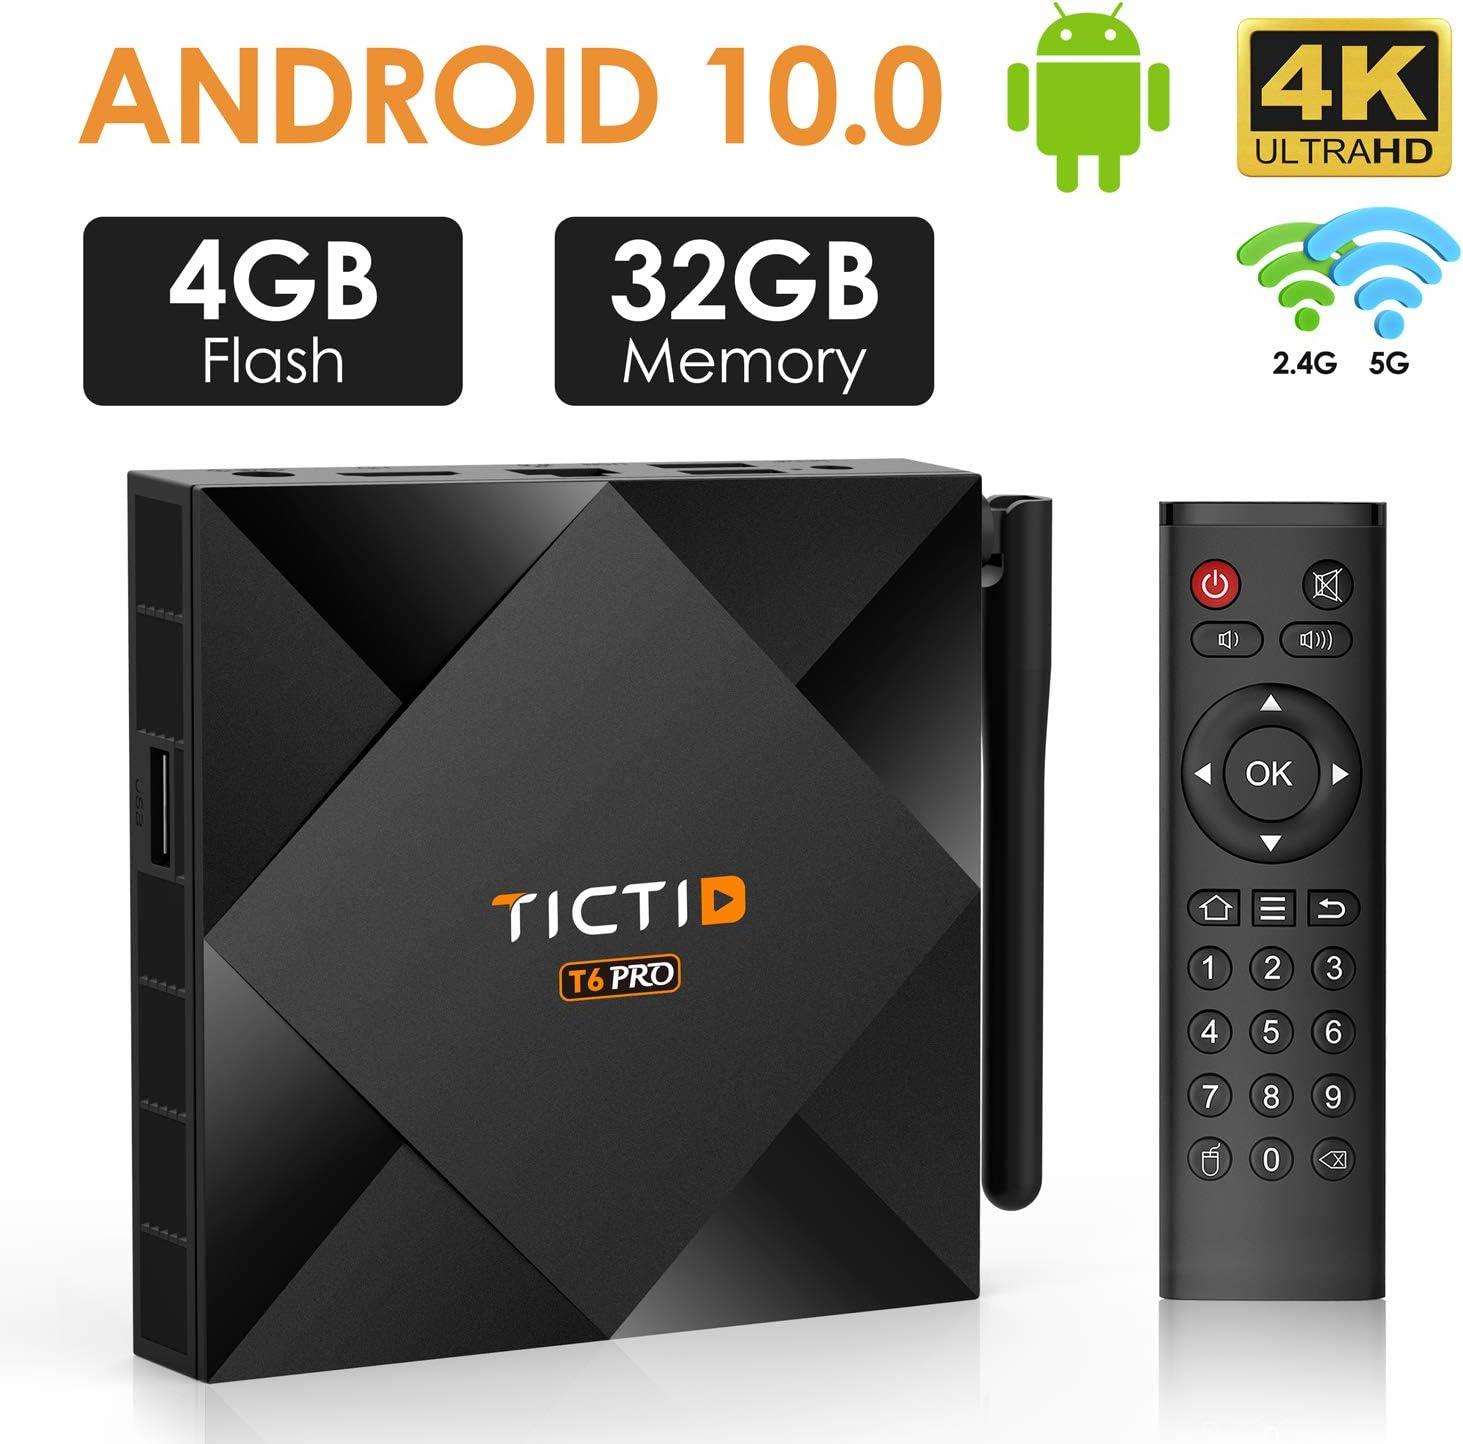 Caja de TV Android 10.0 【4G+32G】, TICTID T6 Pro H616 64 bits Quad Core Arm Cortex A53, CPU 100M LAN, Wi-Fi-Dual 5G/2.4G, BT 4.0, 4K2K Smart TV Box: Amazon.es: Electrónica